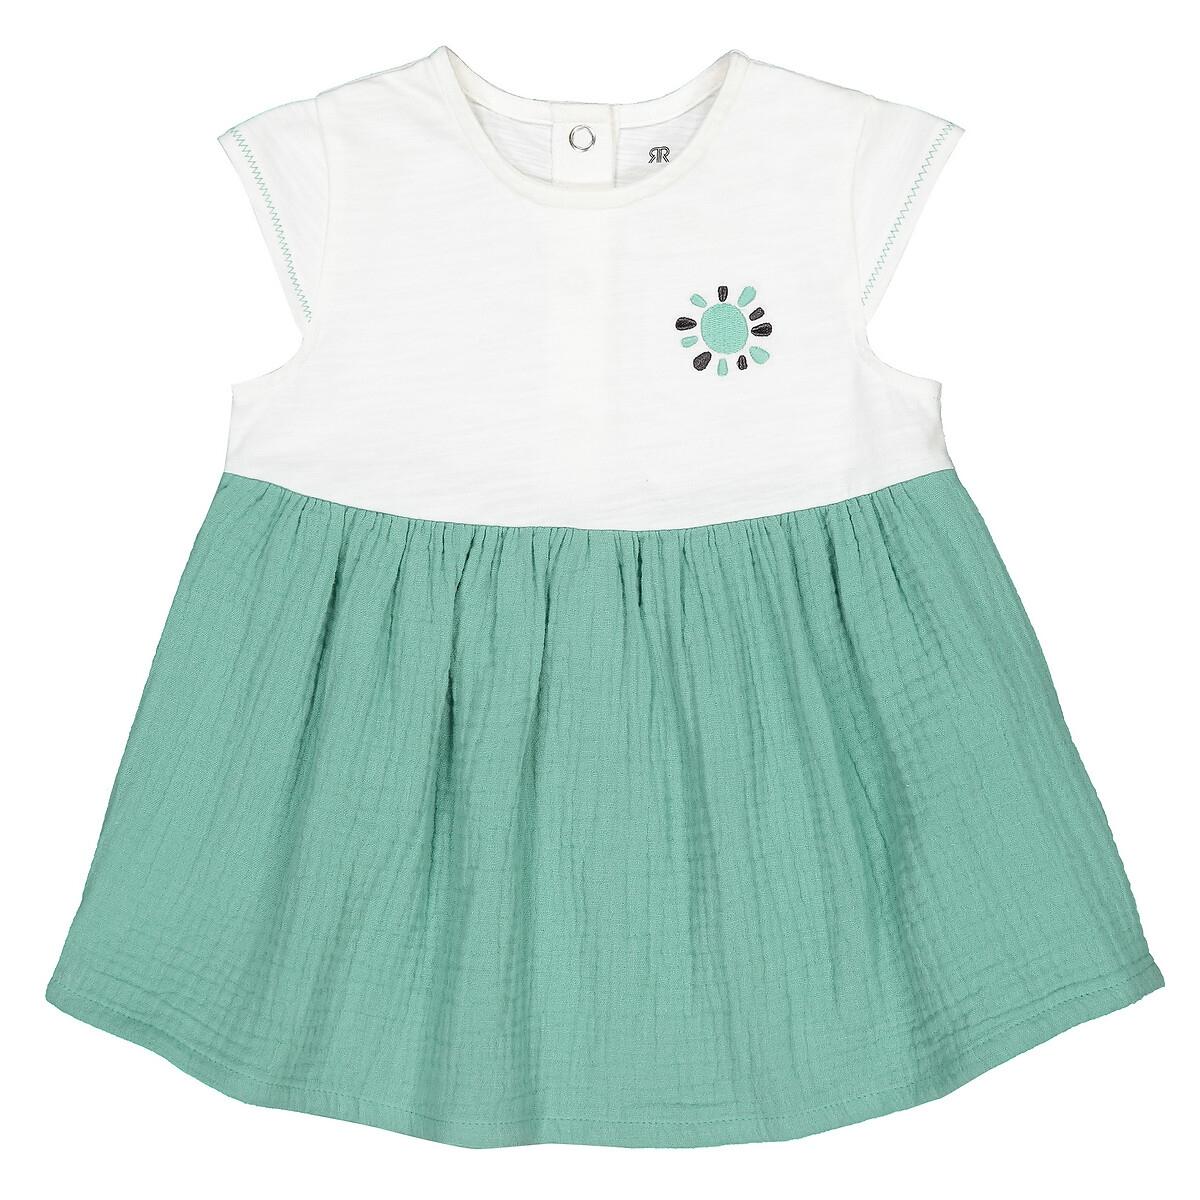 Платье LaRedoute С короткими двухцветными рукавами 3 мес-4 года 1 год - 74 см зеленый